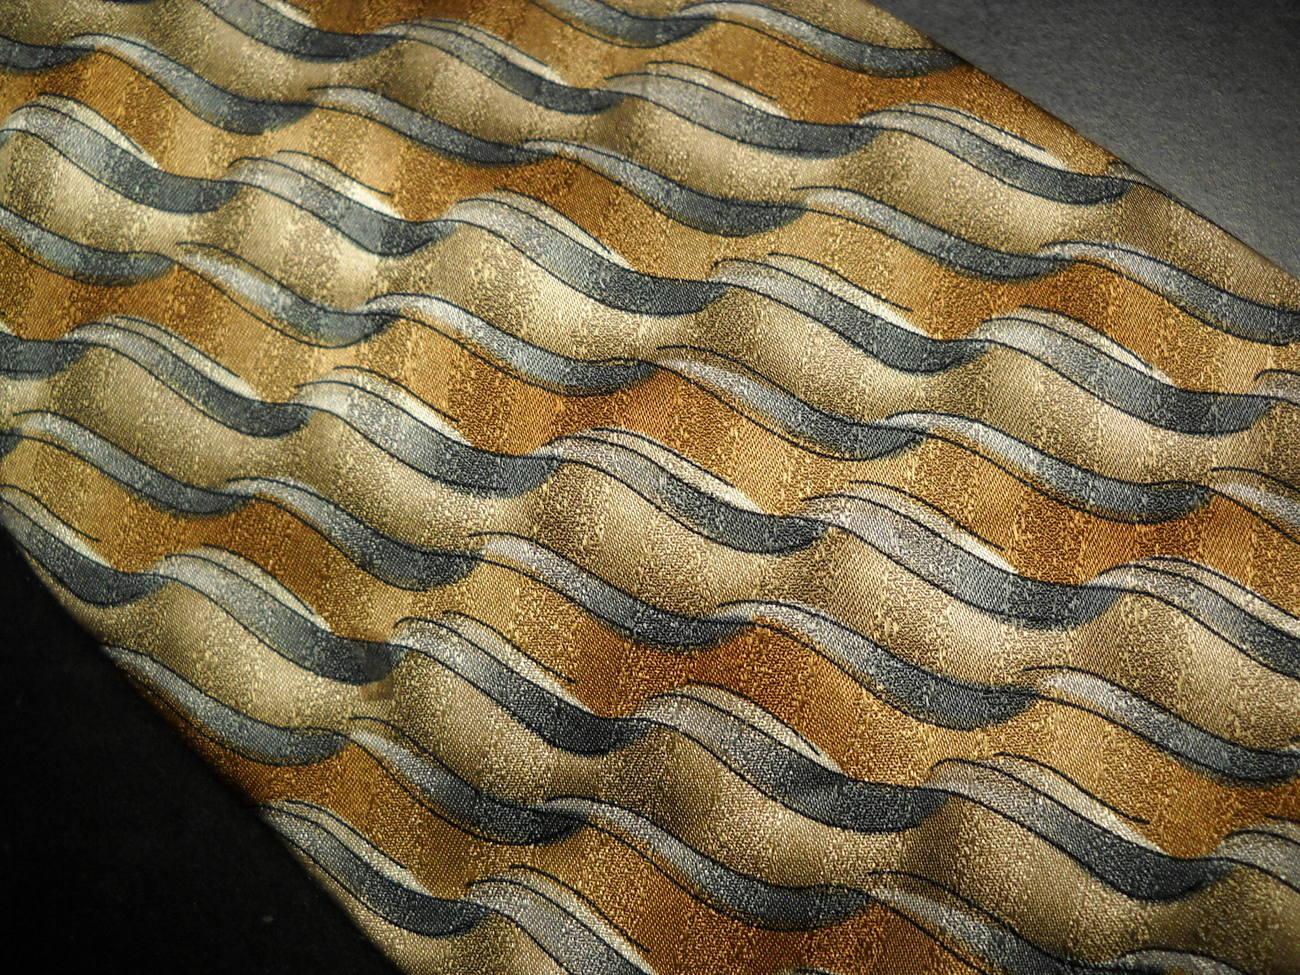 Grateful Dead Neck Tie Cool Breeze Sixteenth Set Silk Hand Made Golden Browns